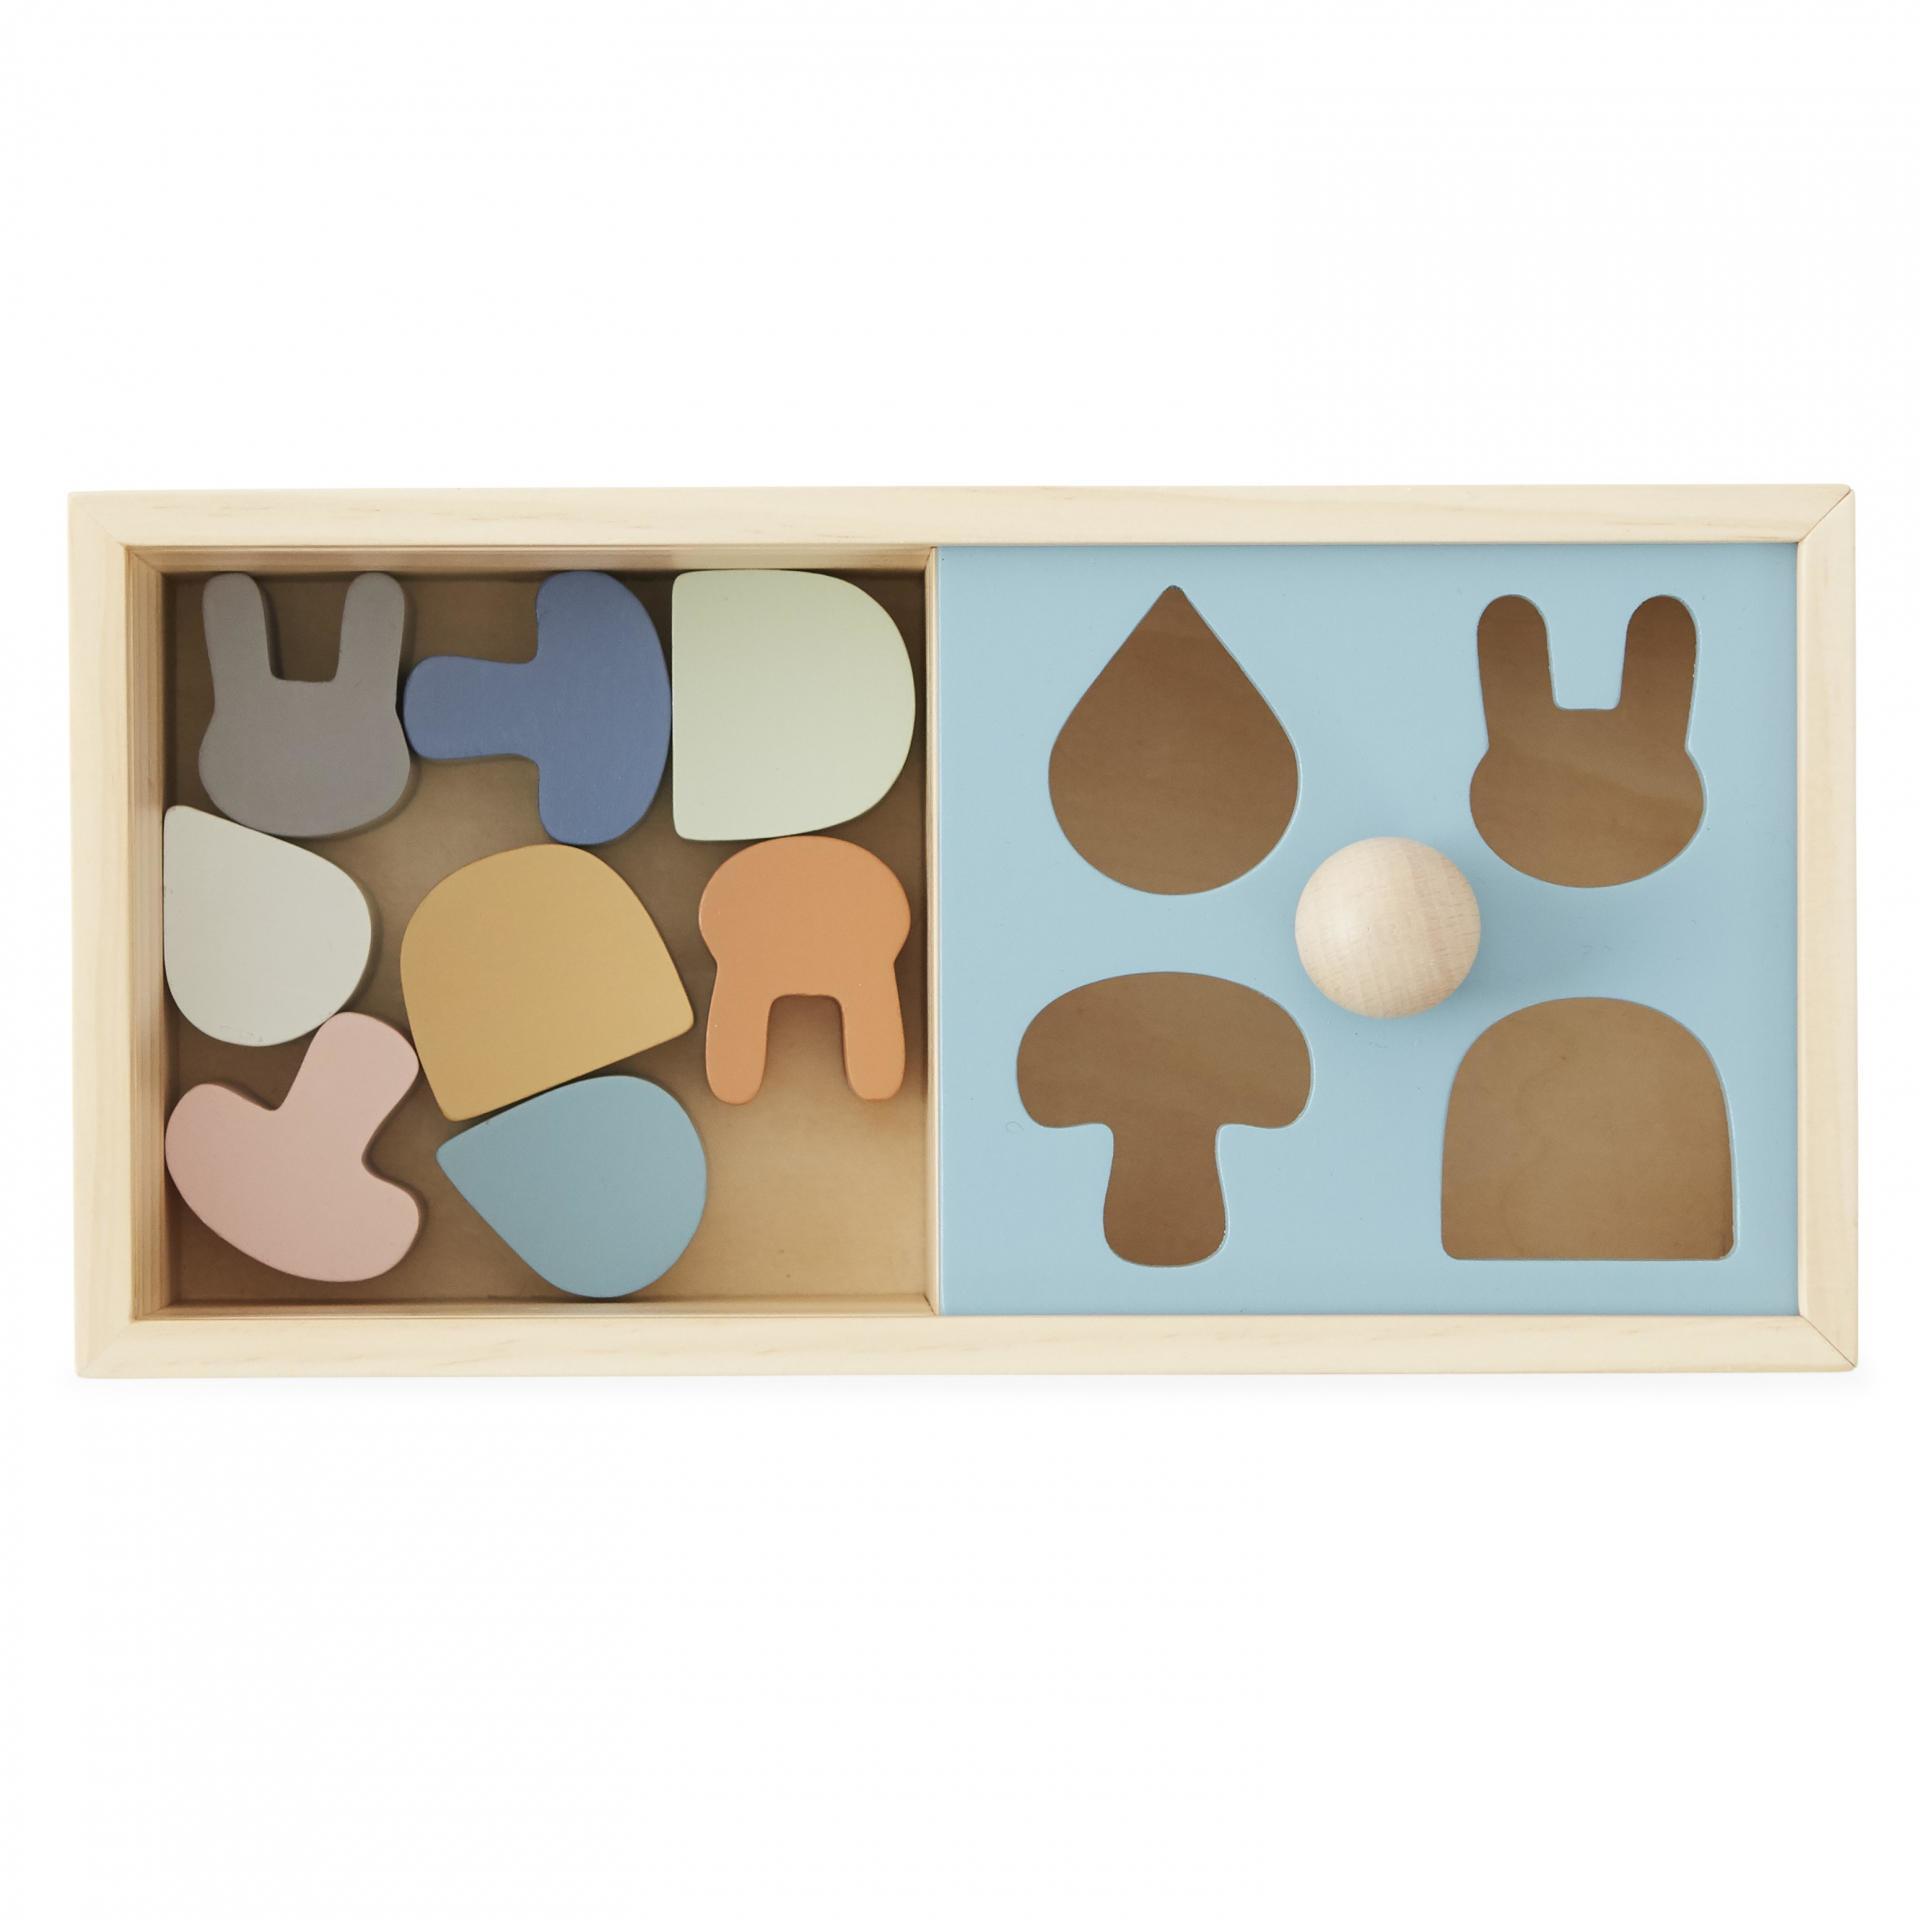 OYOY Dětské puzzle z bukového dřeva Colorful Shapes, multi barva, dřevo